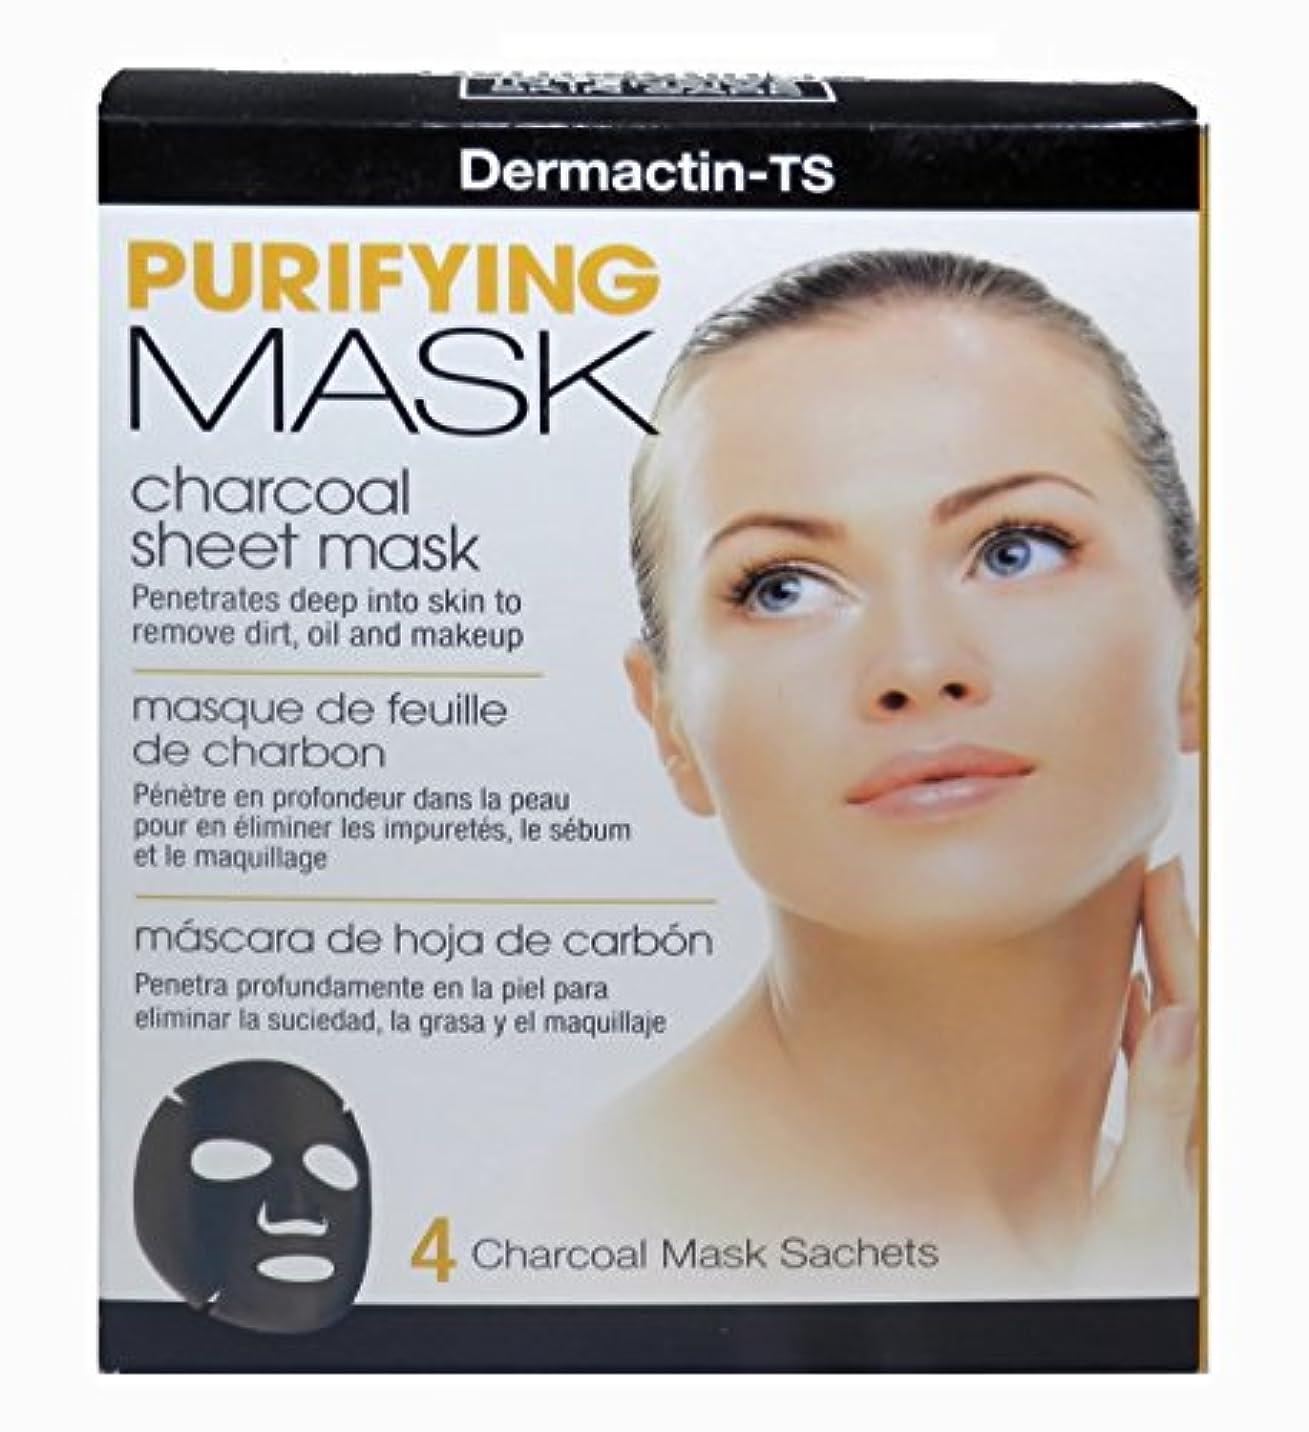 急襲あらゆる種類の論争の的Dermactin-TS カーボール4カウントの浄化マスク(3パック) (並行輸入品)